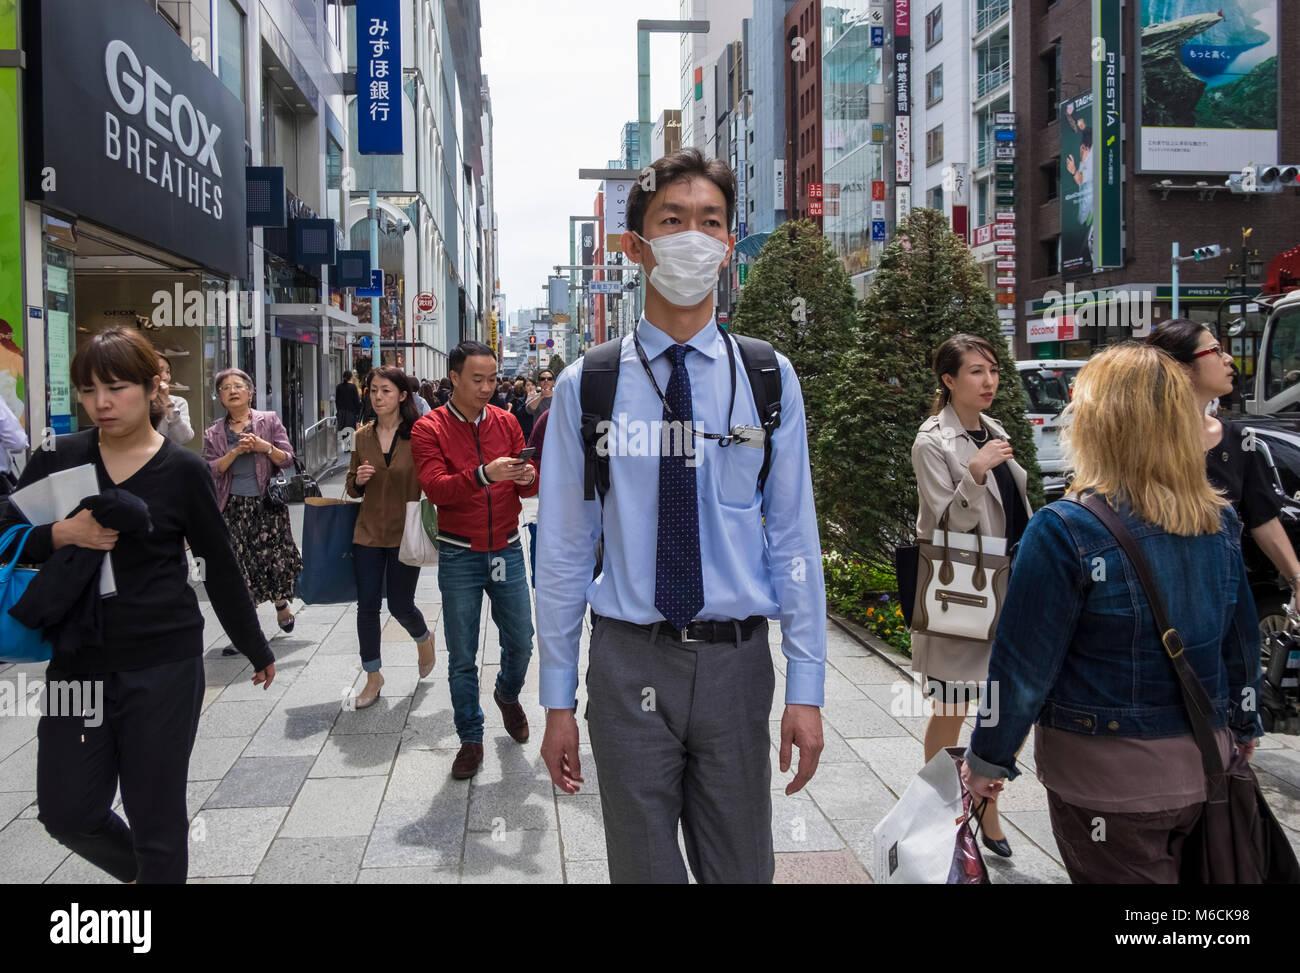 Escena de una calle en el barrio de Ginza de Tokio, Japón Imagen De Stock